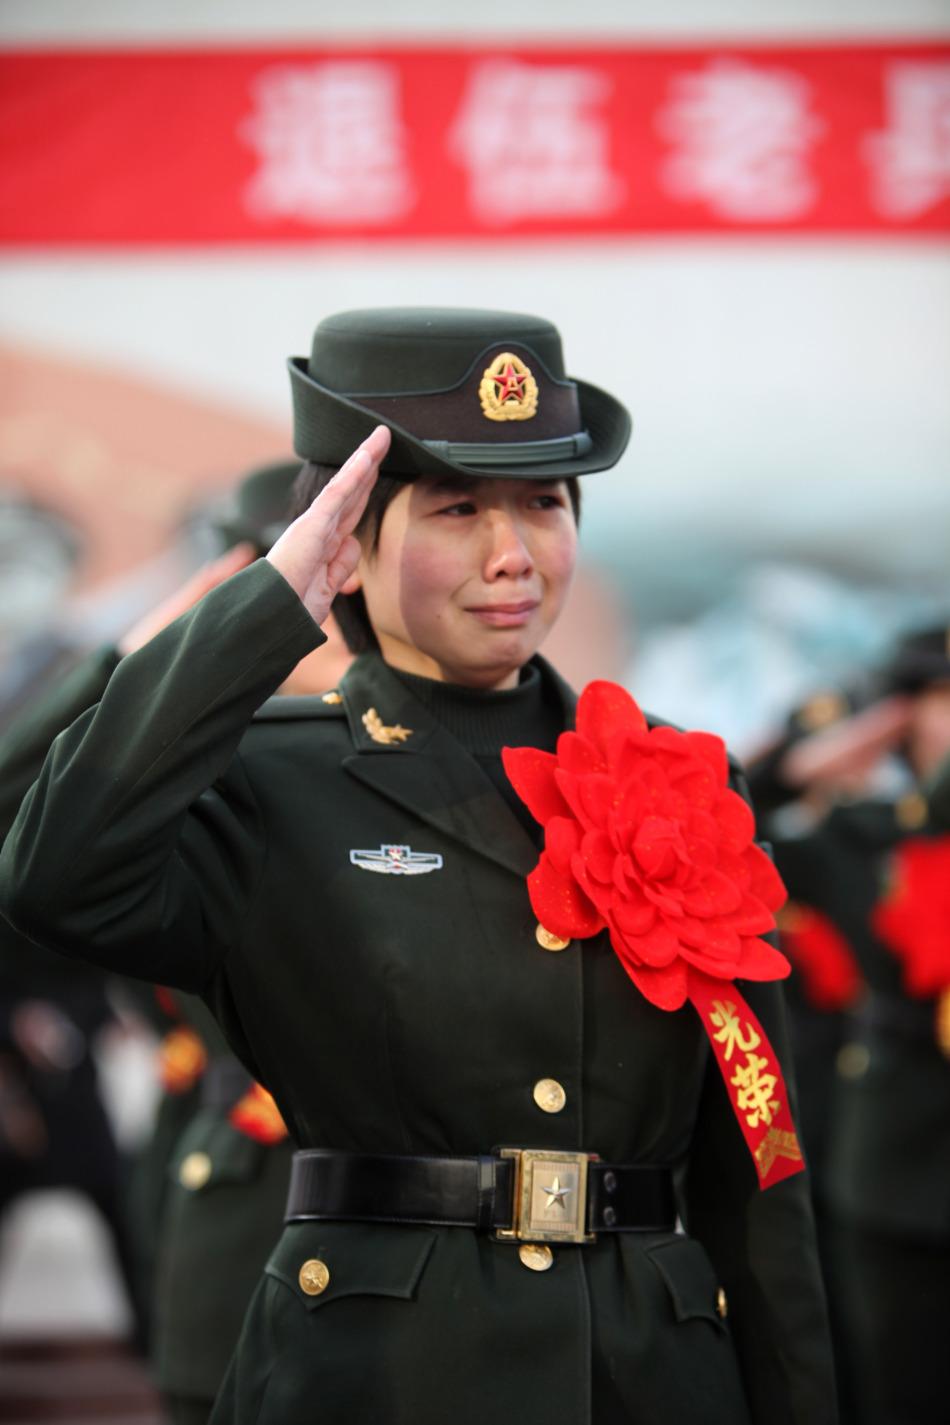 中国女兵高清图片_退伍女兵恋恋不舍离别军营_军事_环球网